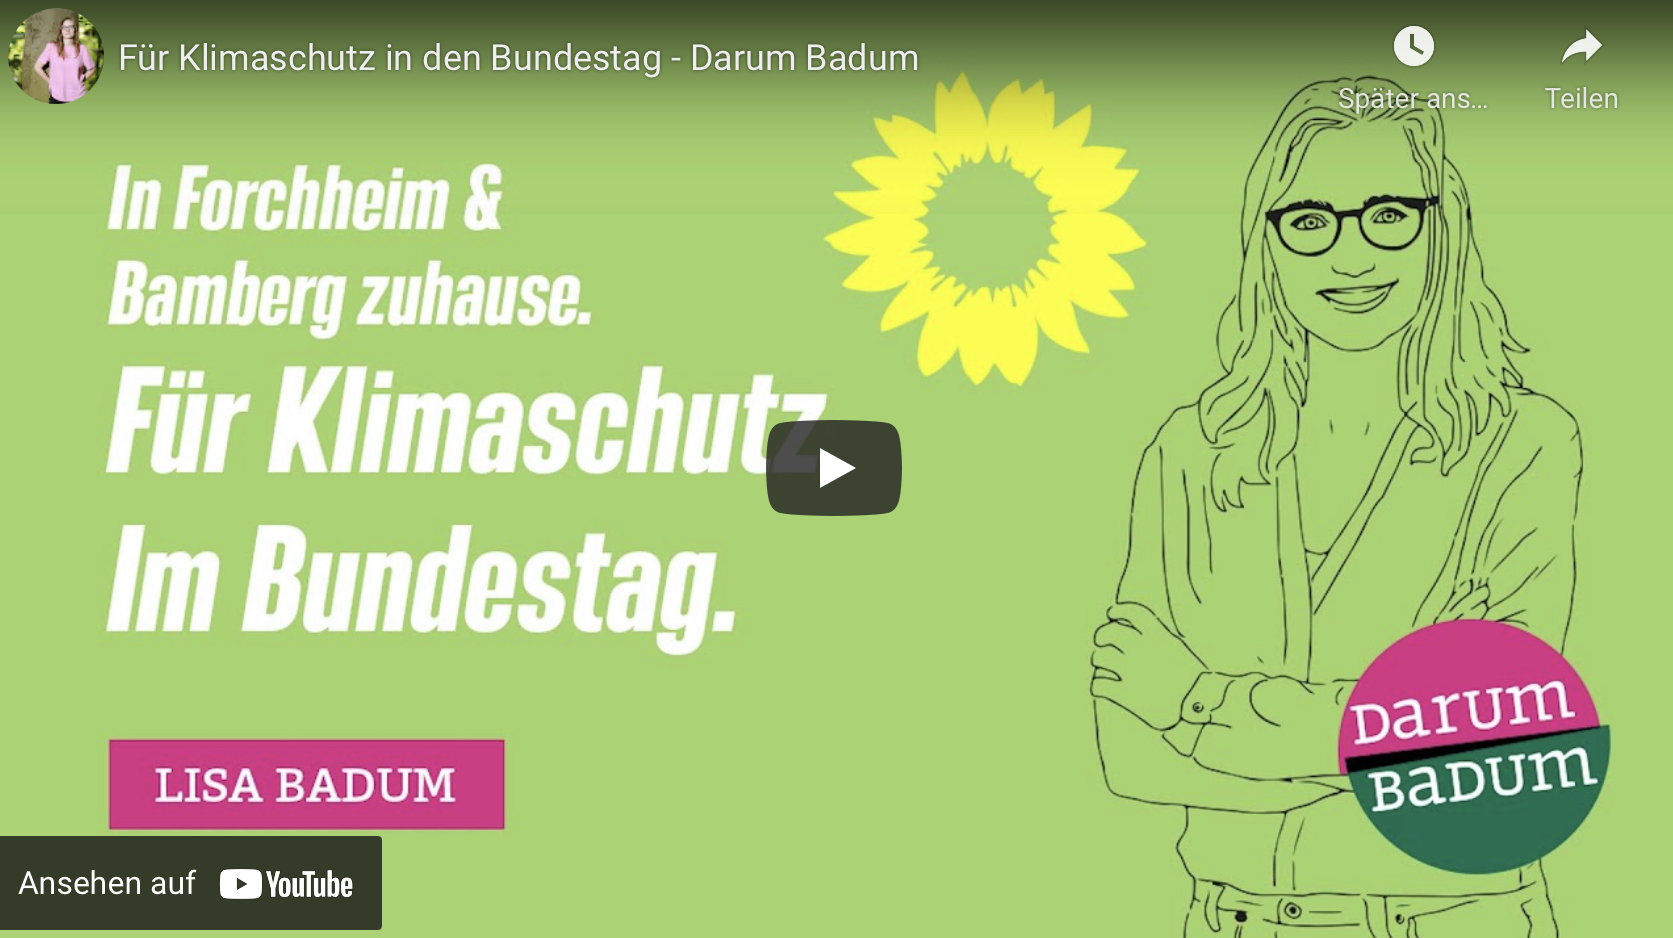 Für Klimaschutz wieder in den Bundestag